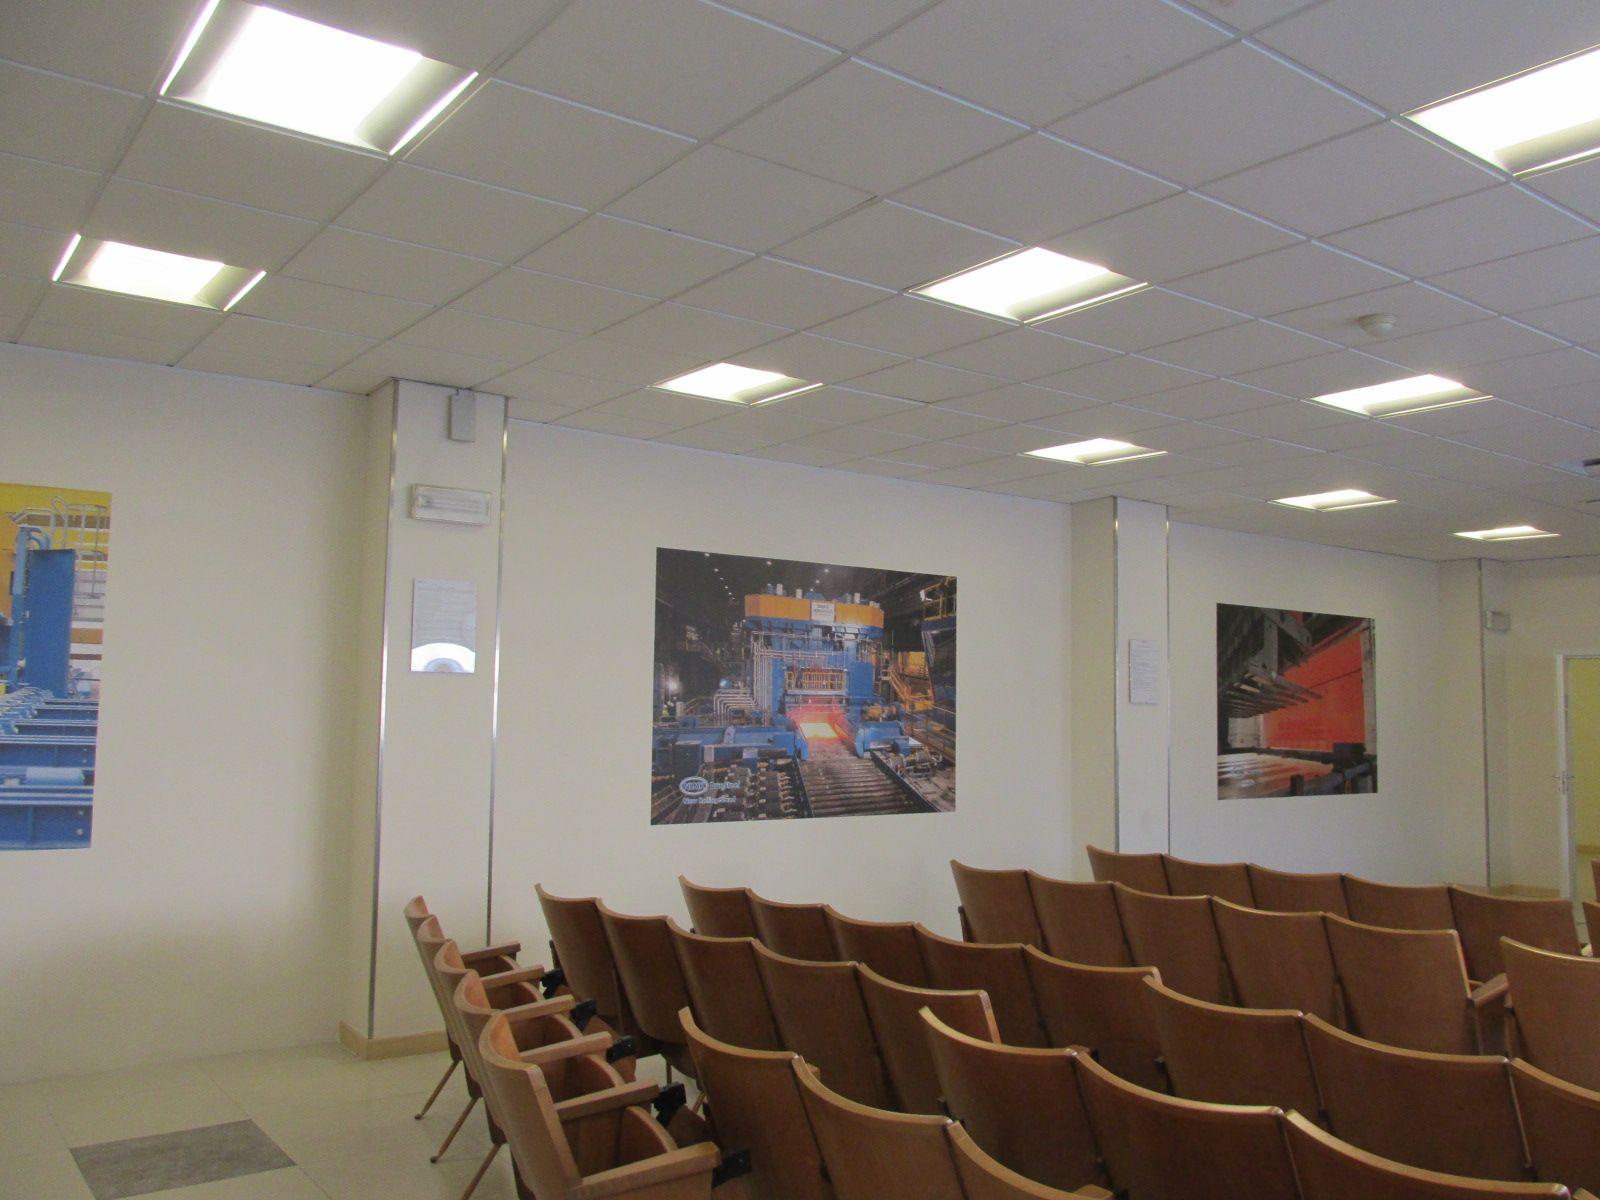 Ufficio In Cartongesso : Cartongesso tinteggiatura ufficio vicenza